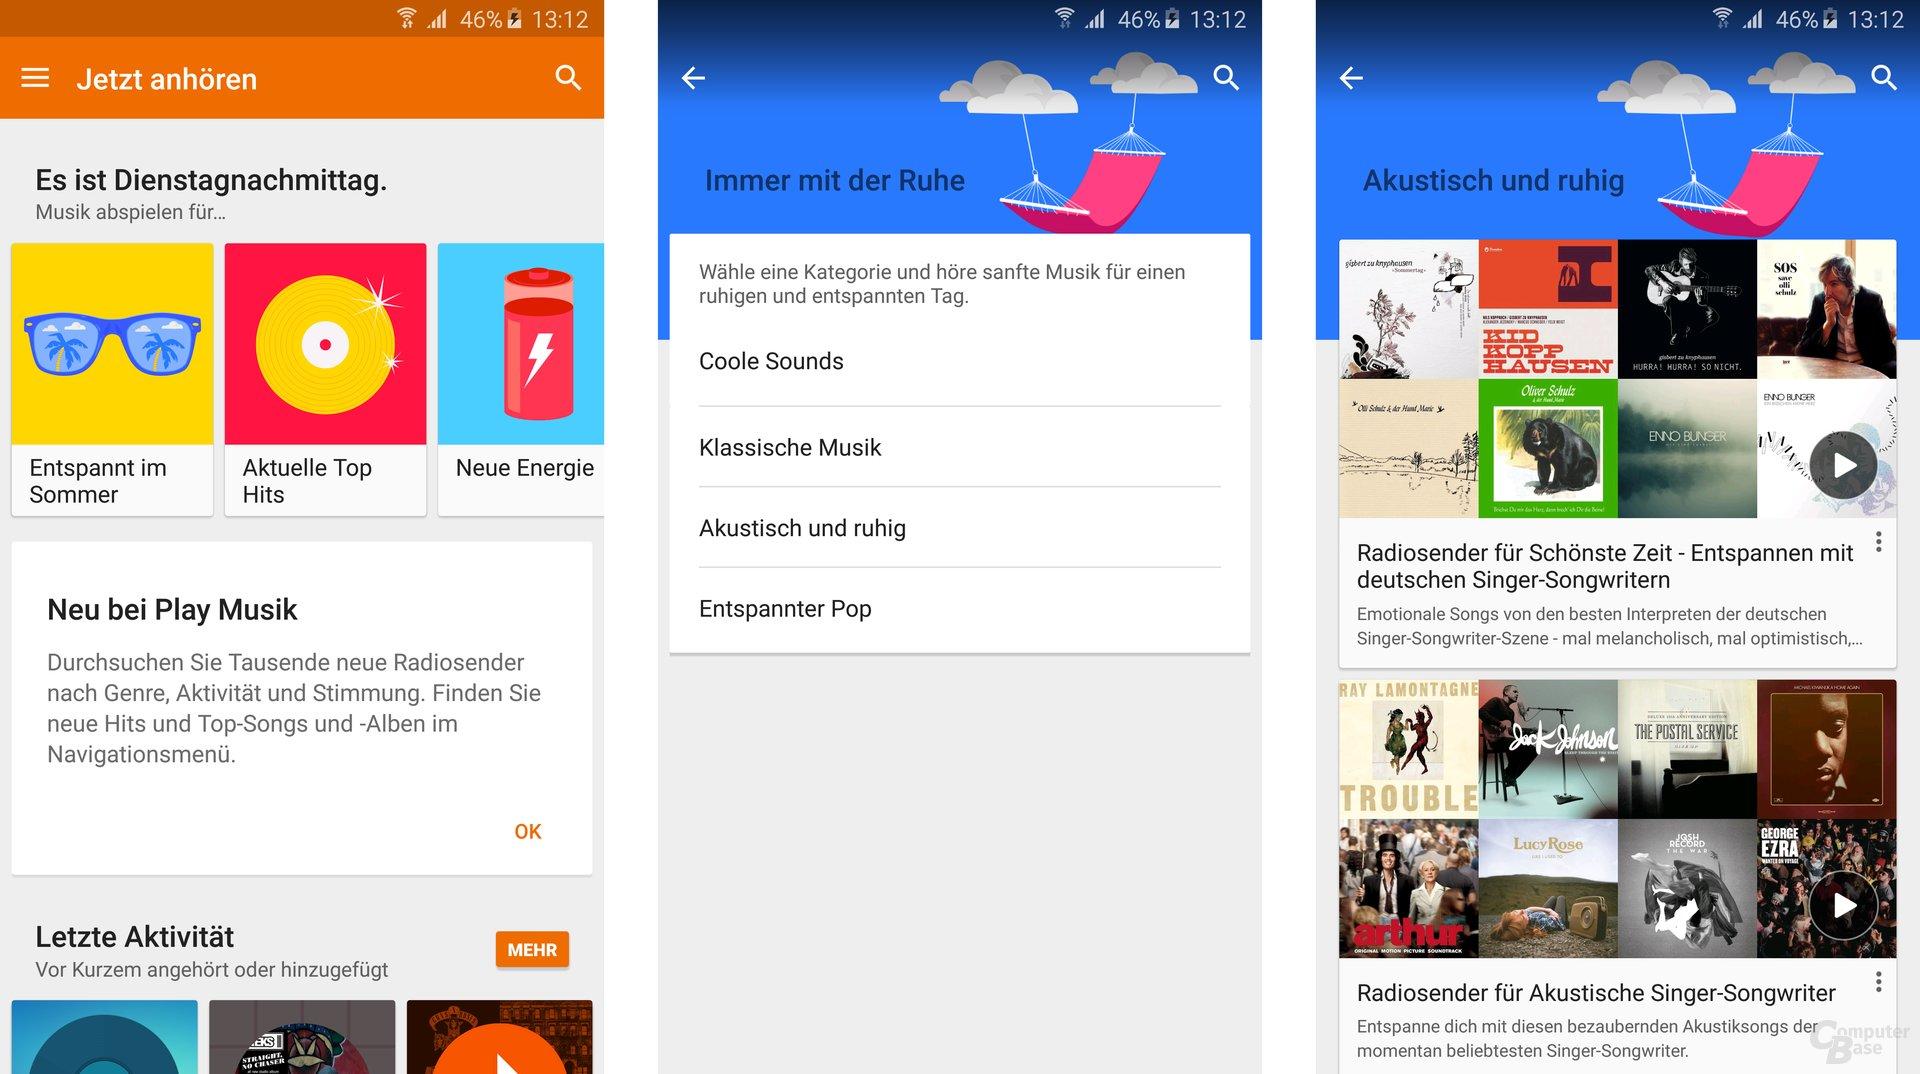 """Google Play Musik für Android: Neue Auswahl im Menü """"Jetzt anhören"""""""